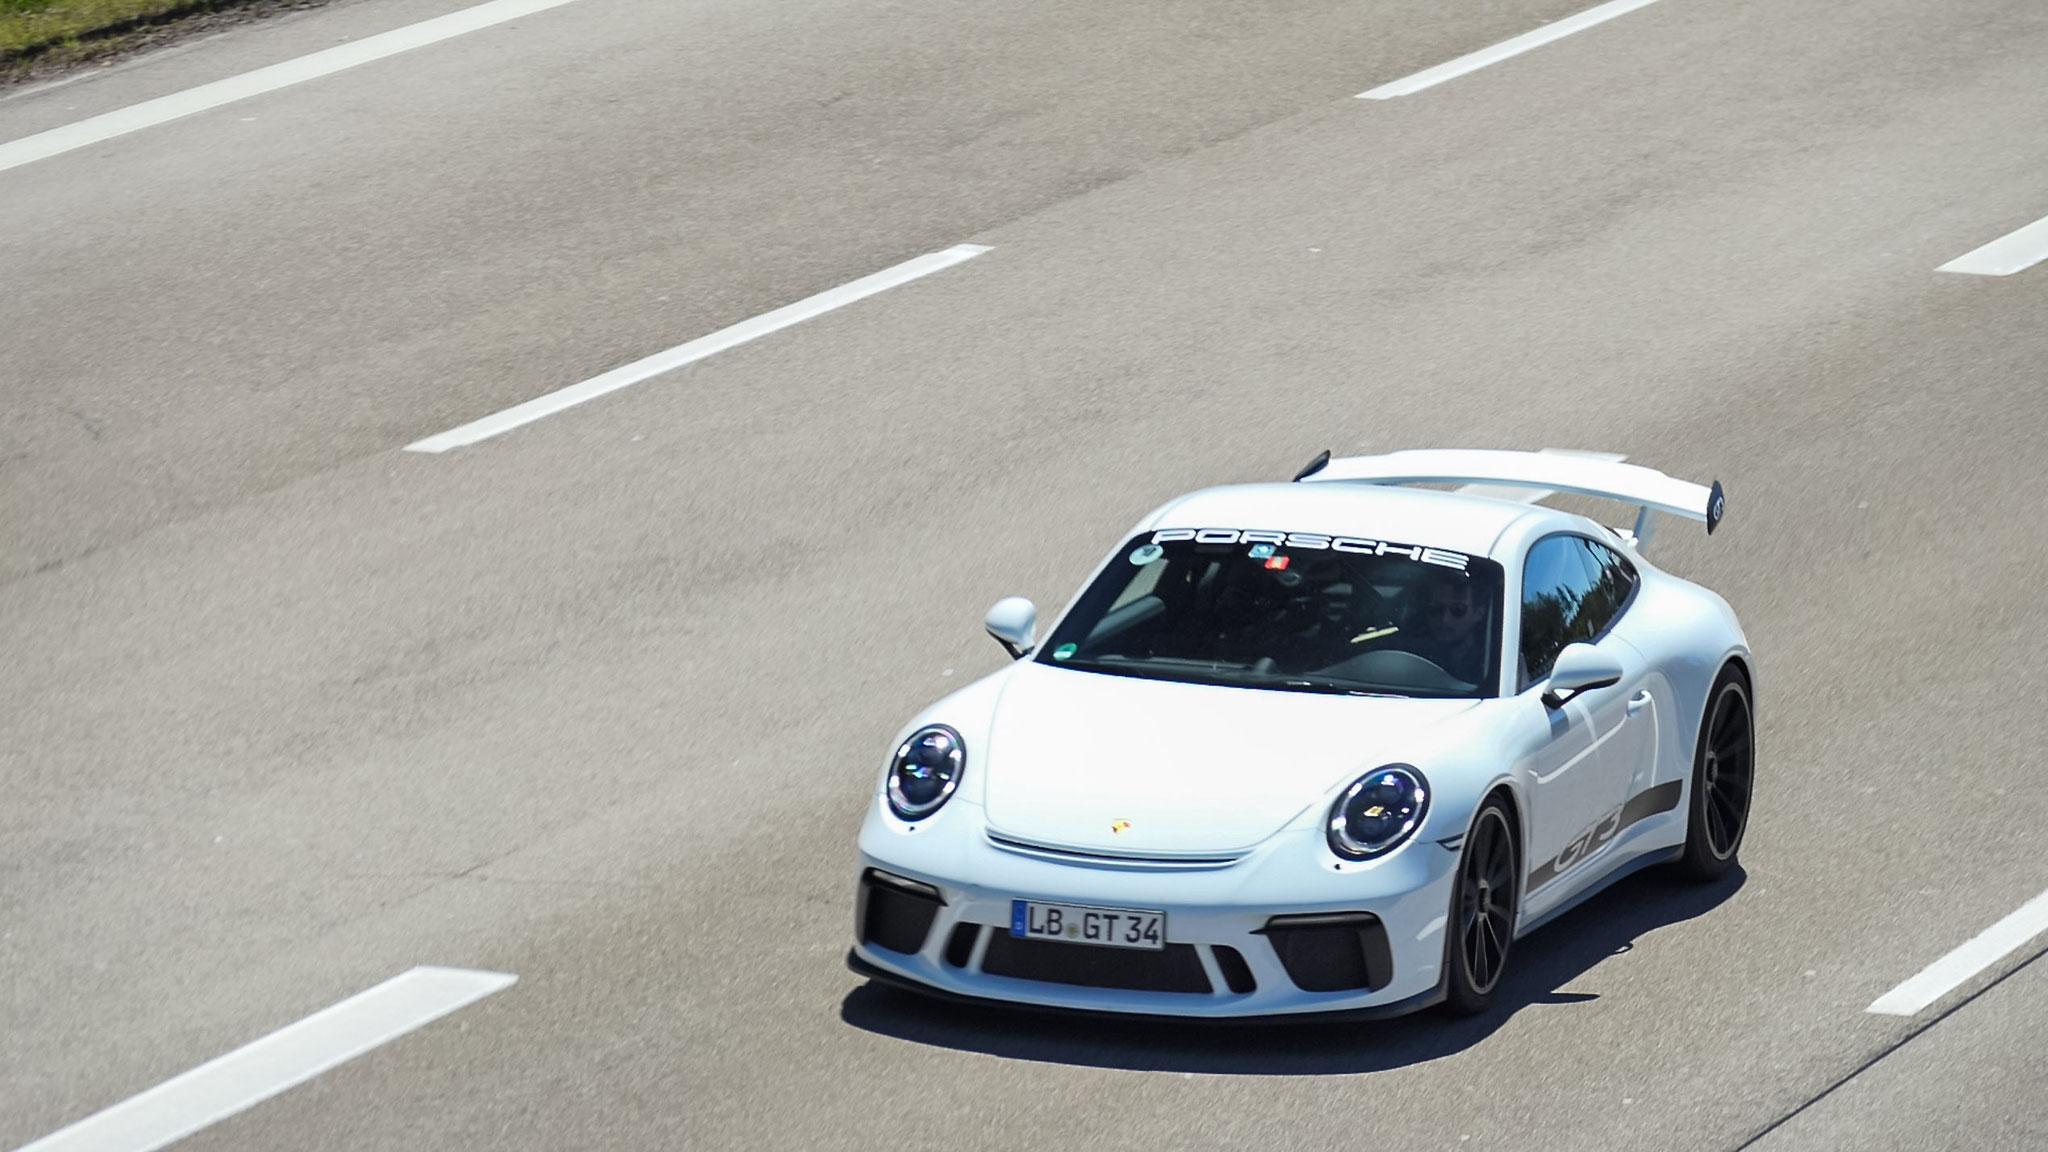 Porsche 991 GT3 - LB-GT-34